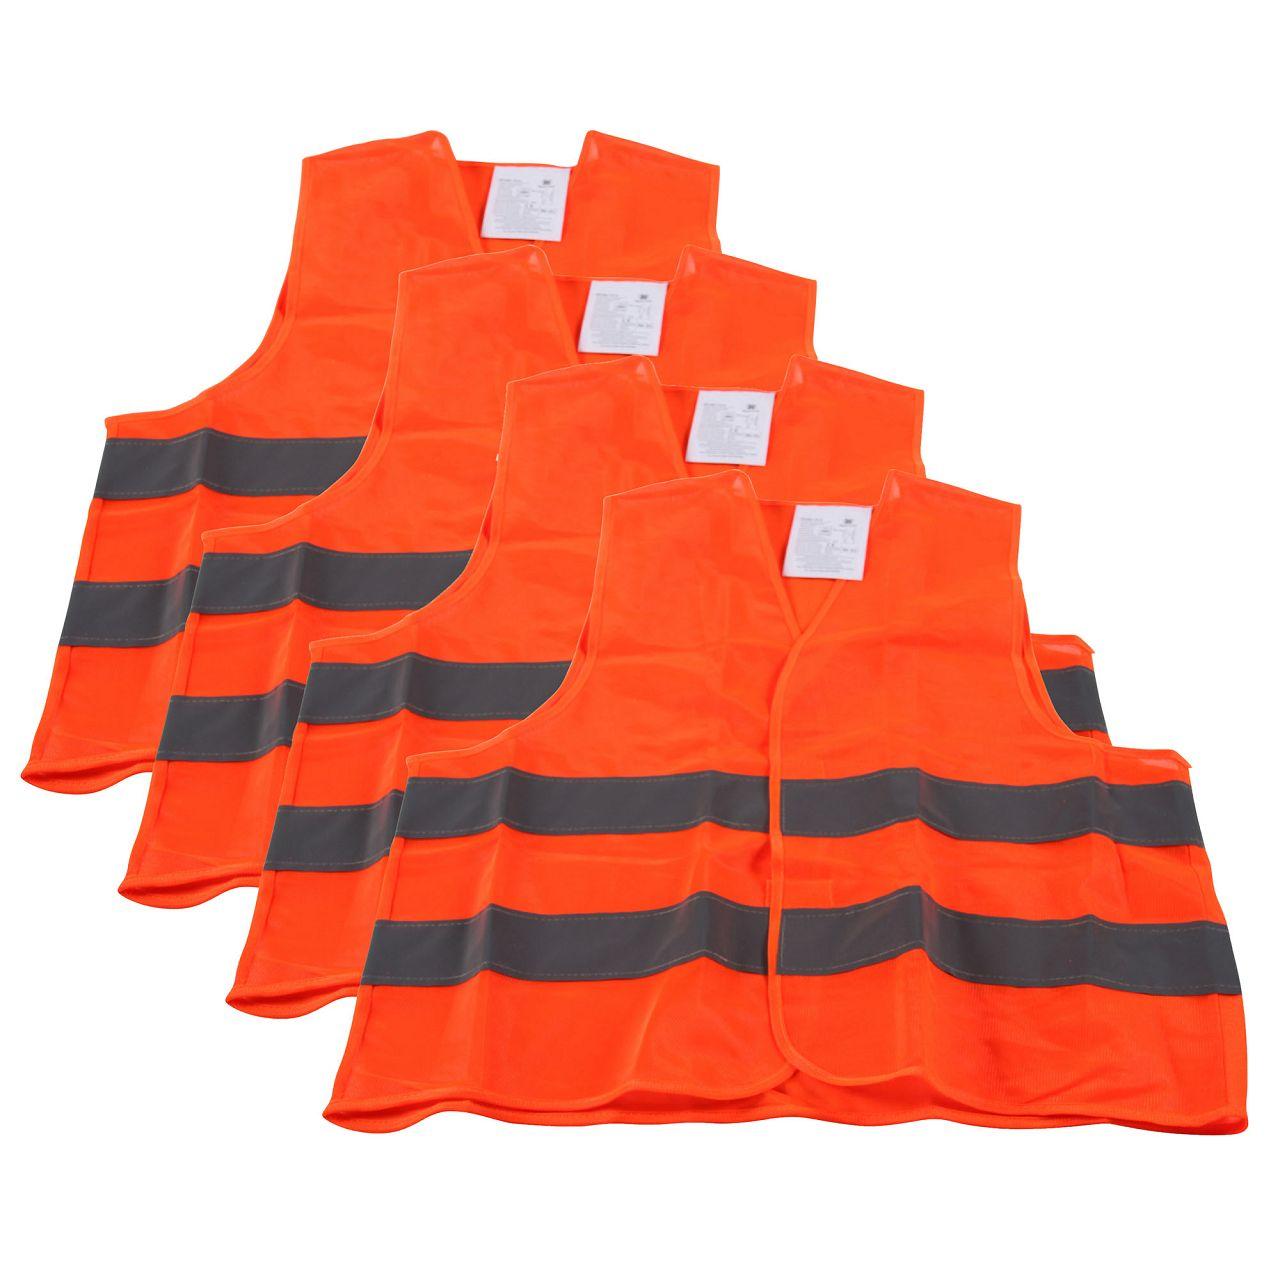 4x Warnweste Warnschutzweste Sicherheitsweste ORANGE Größe XL EN ISO 20471